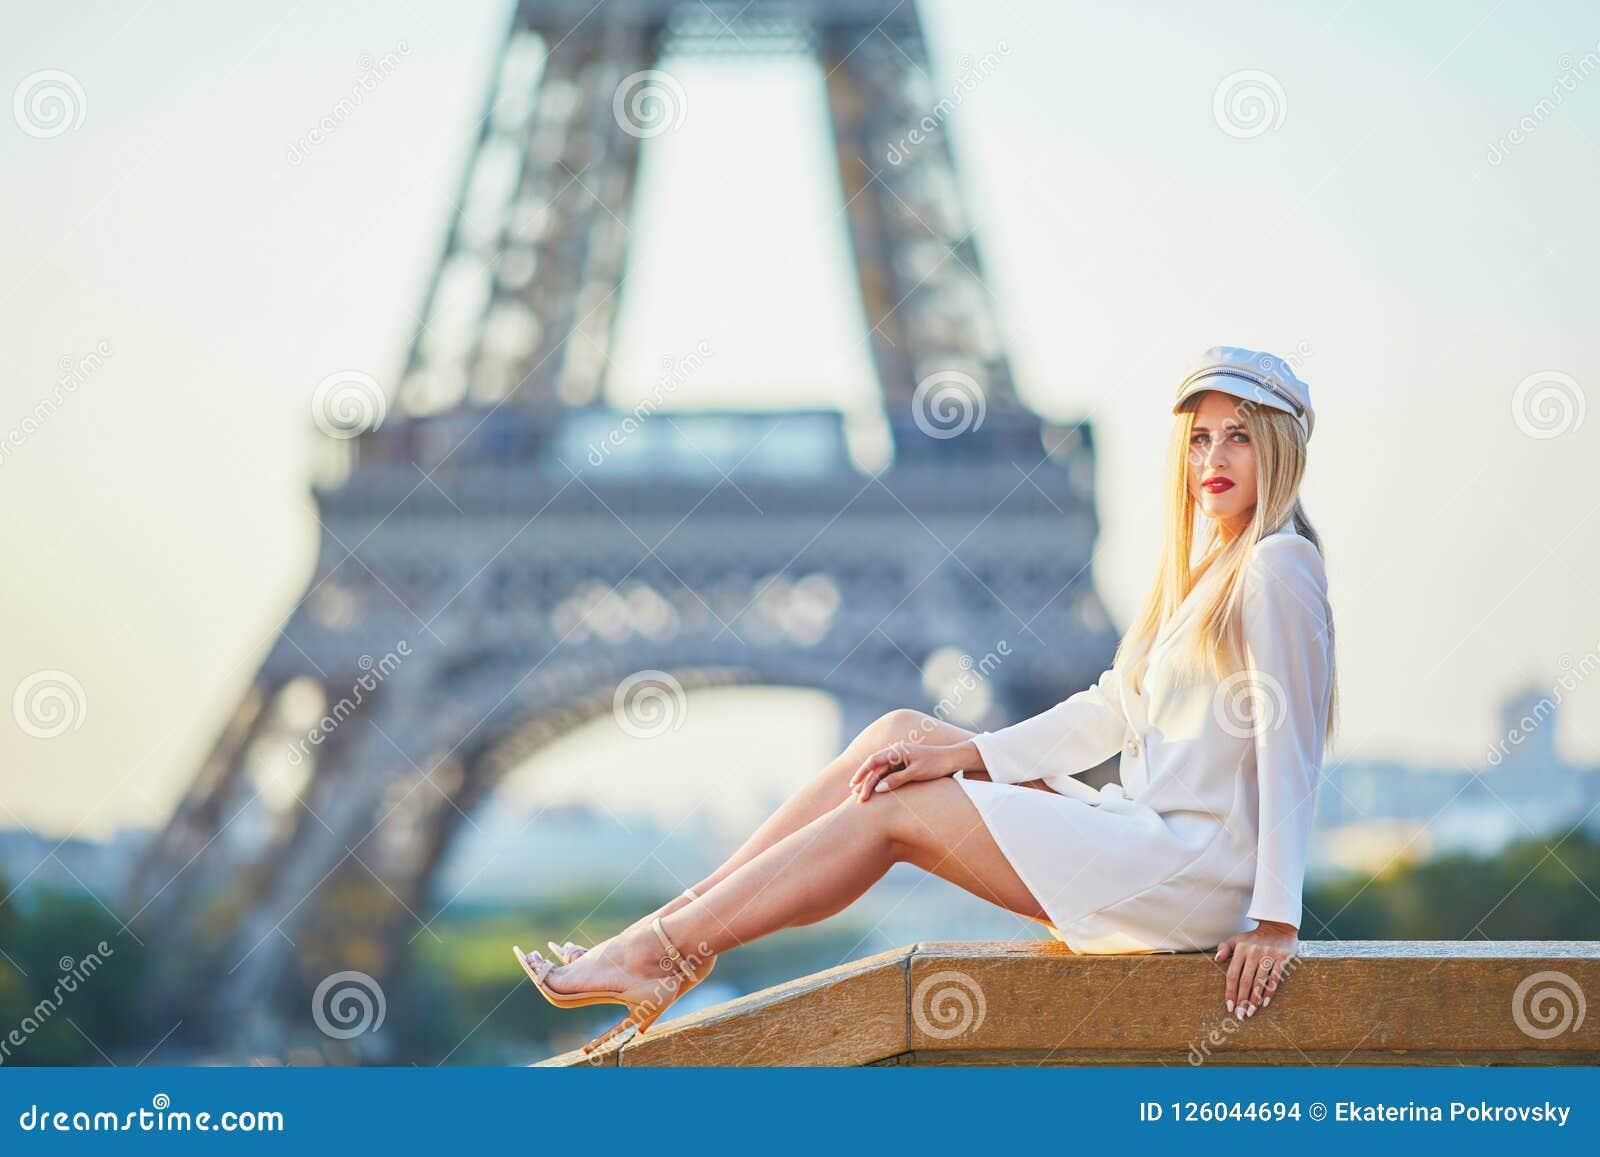 femeie datand de la Paris baiat cauta baiat